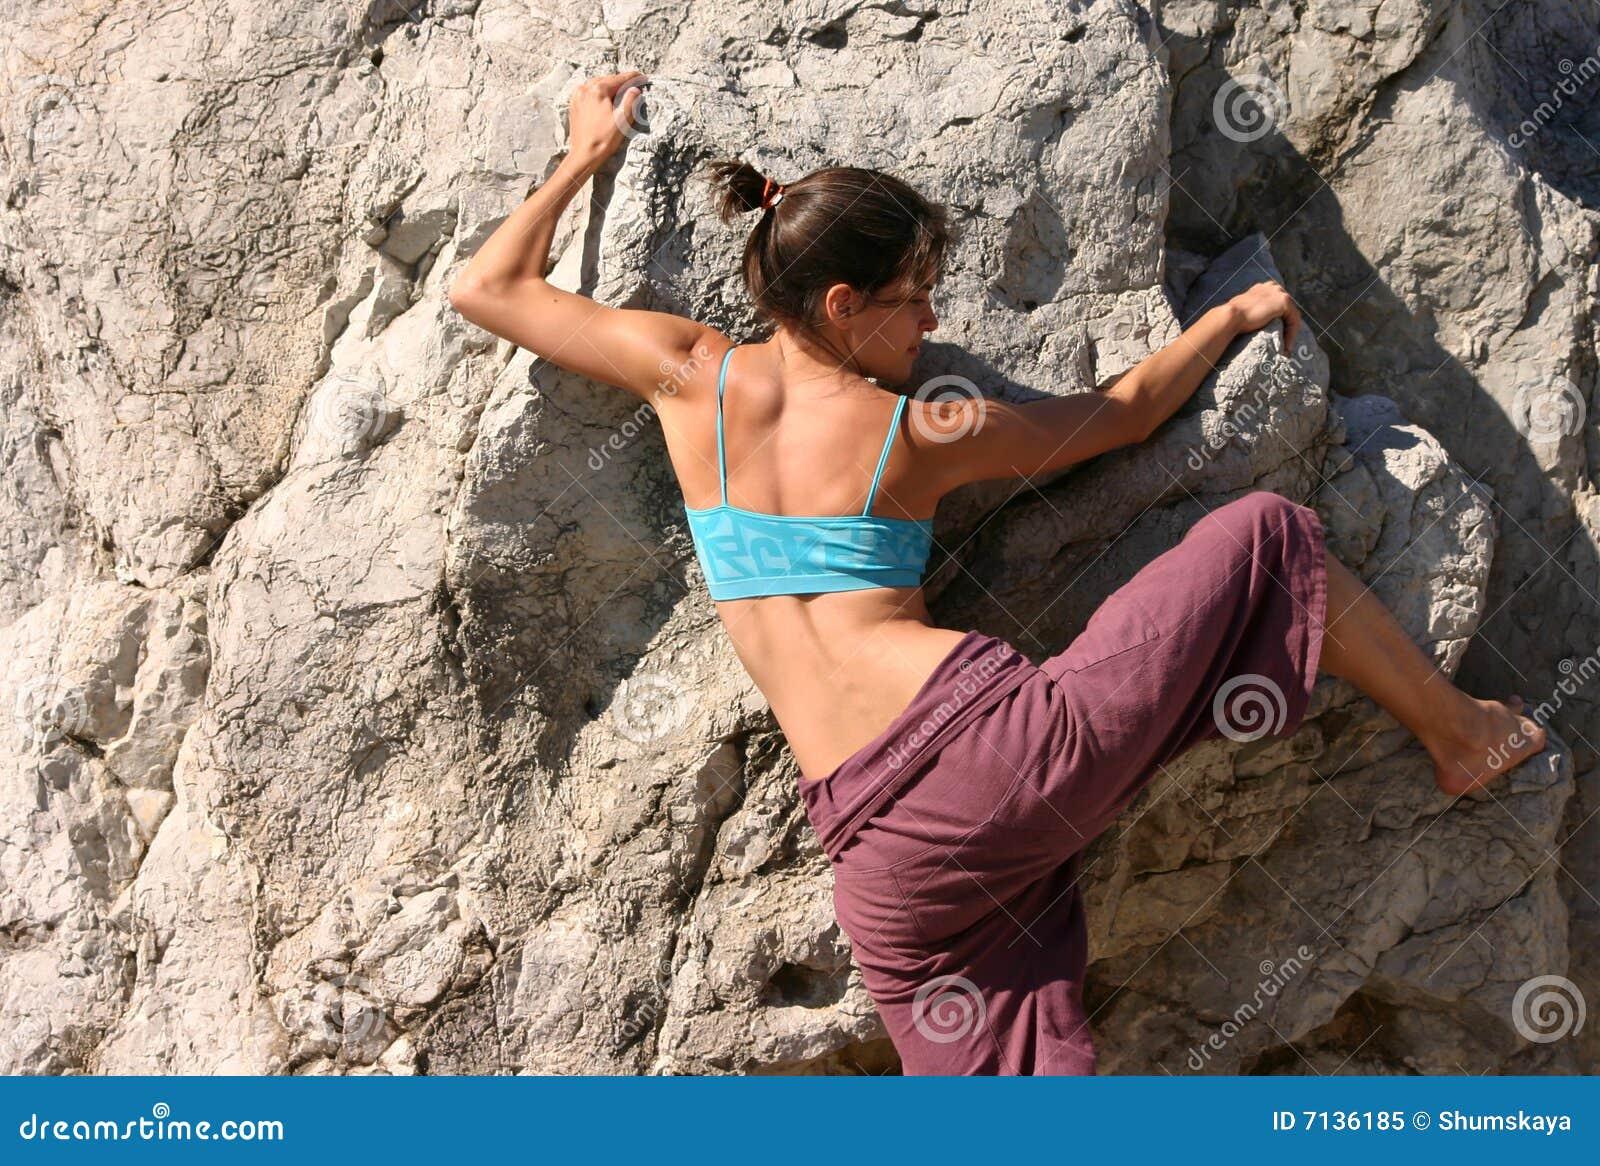 hot climber chicks nude